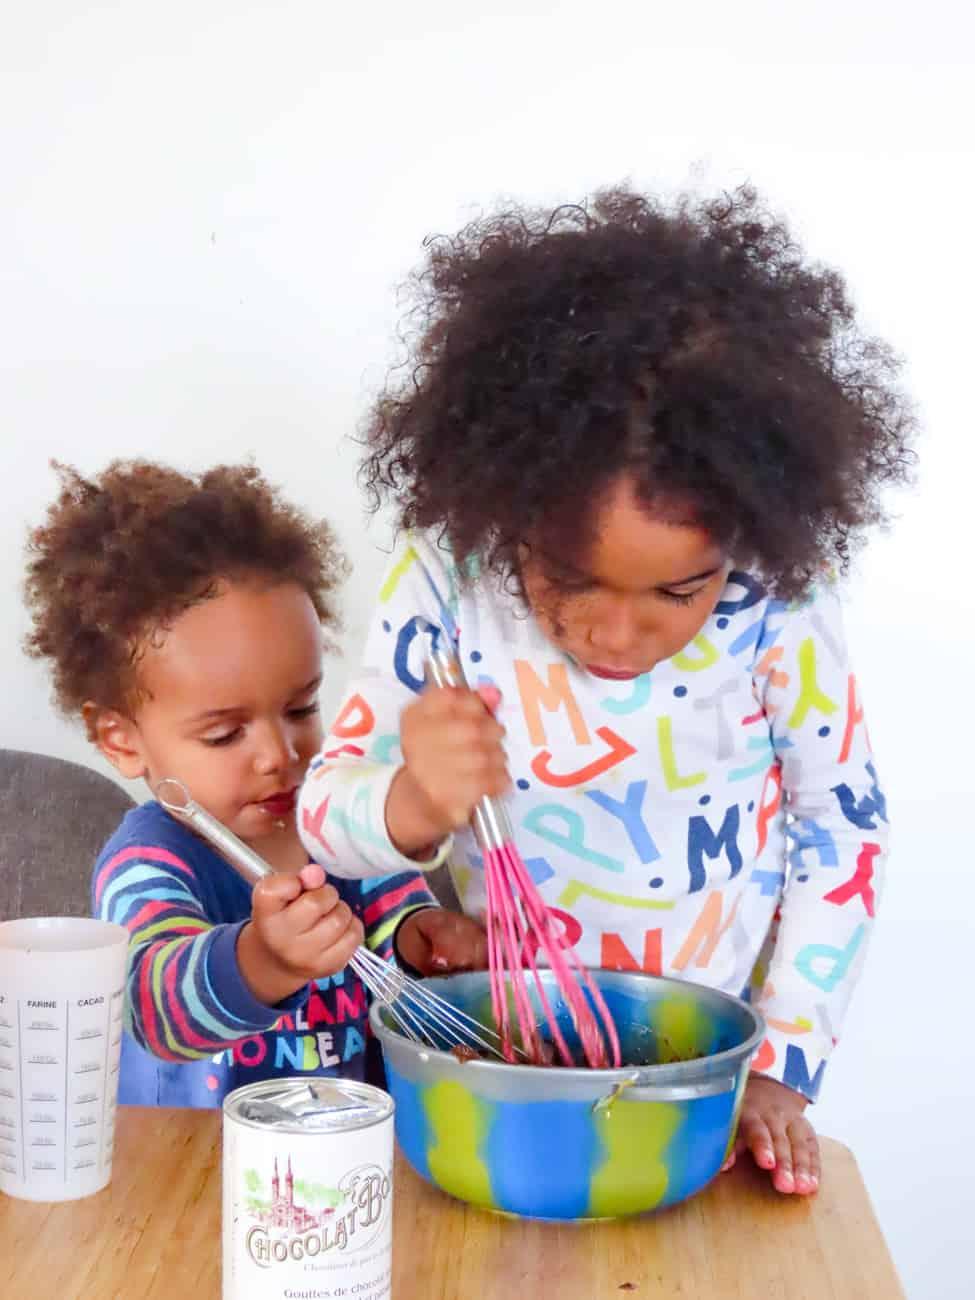 cuisiner-avec-enfants-recettes-10